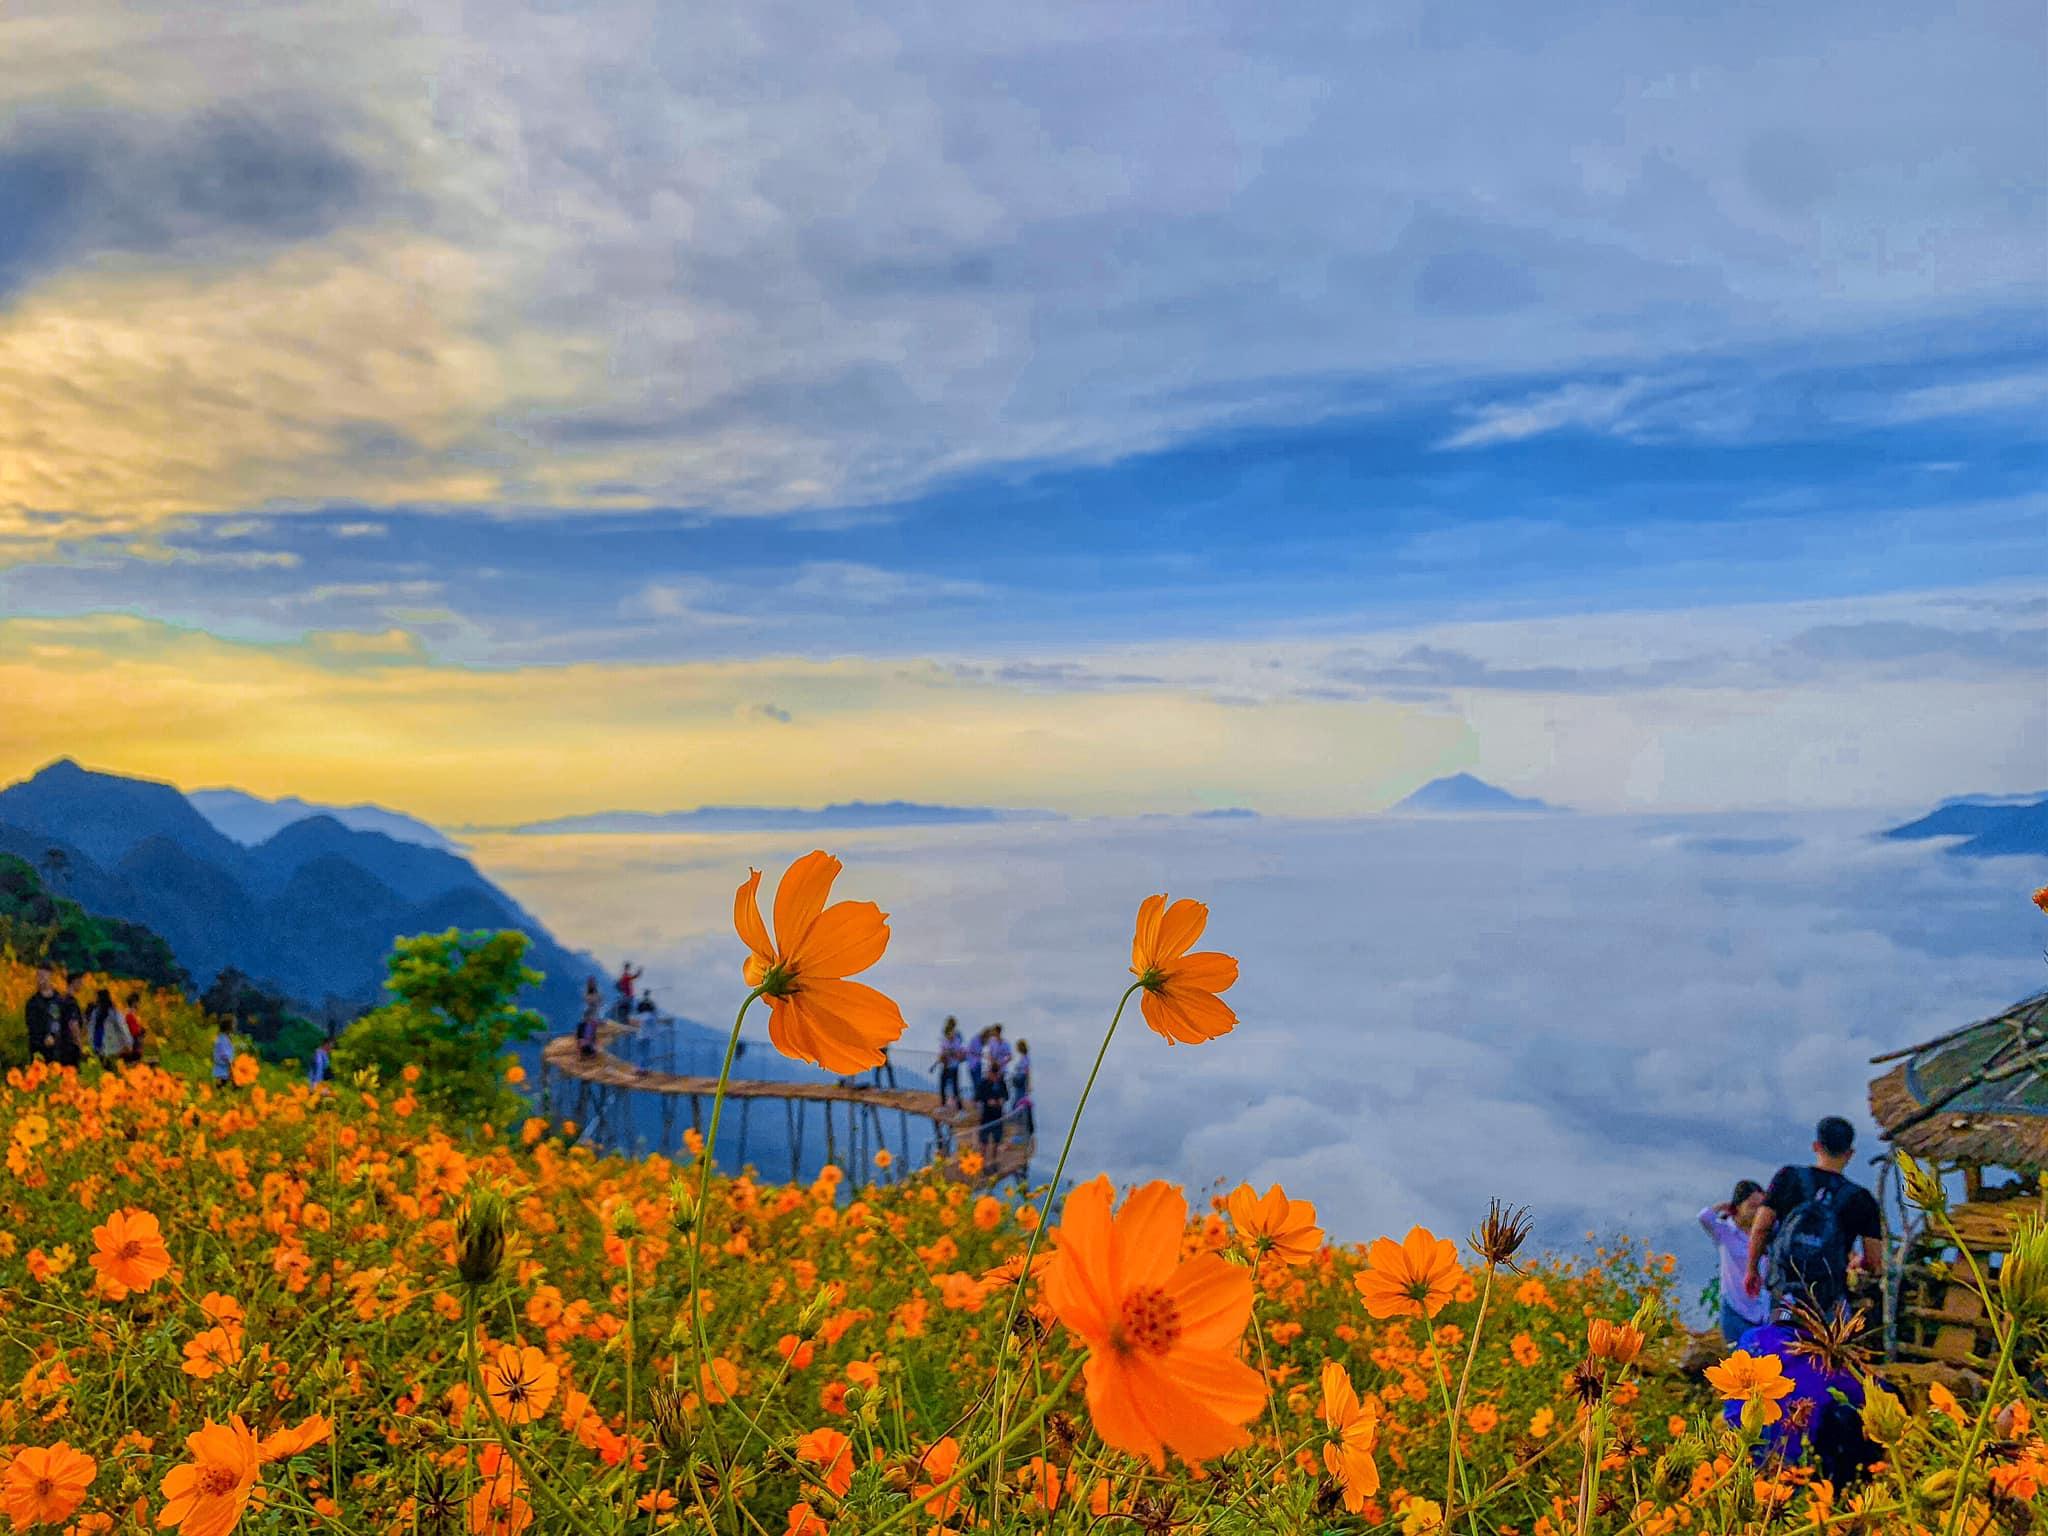 Không xa như Đà Lạt, dễ đi hơn Tà Xùa, mình cùng nhau săn mây bồng bềnh ở Hang Kia, Mai Châu nhé